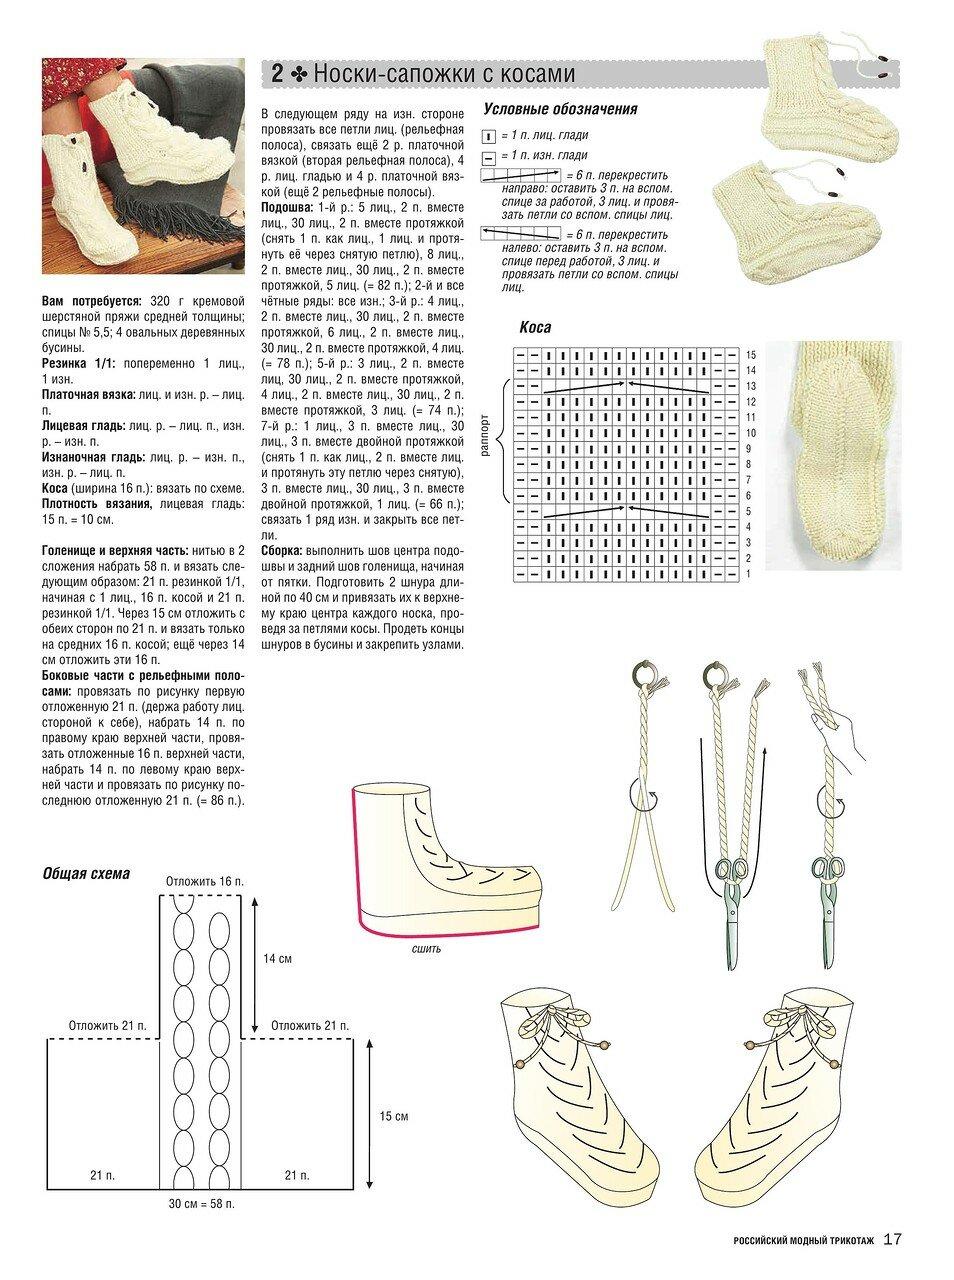 Как связать тапочки сапожки крючком схема